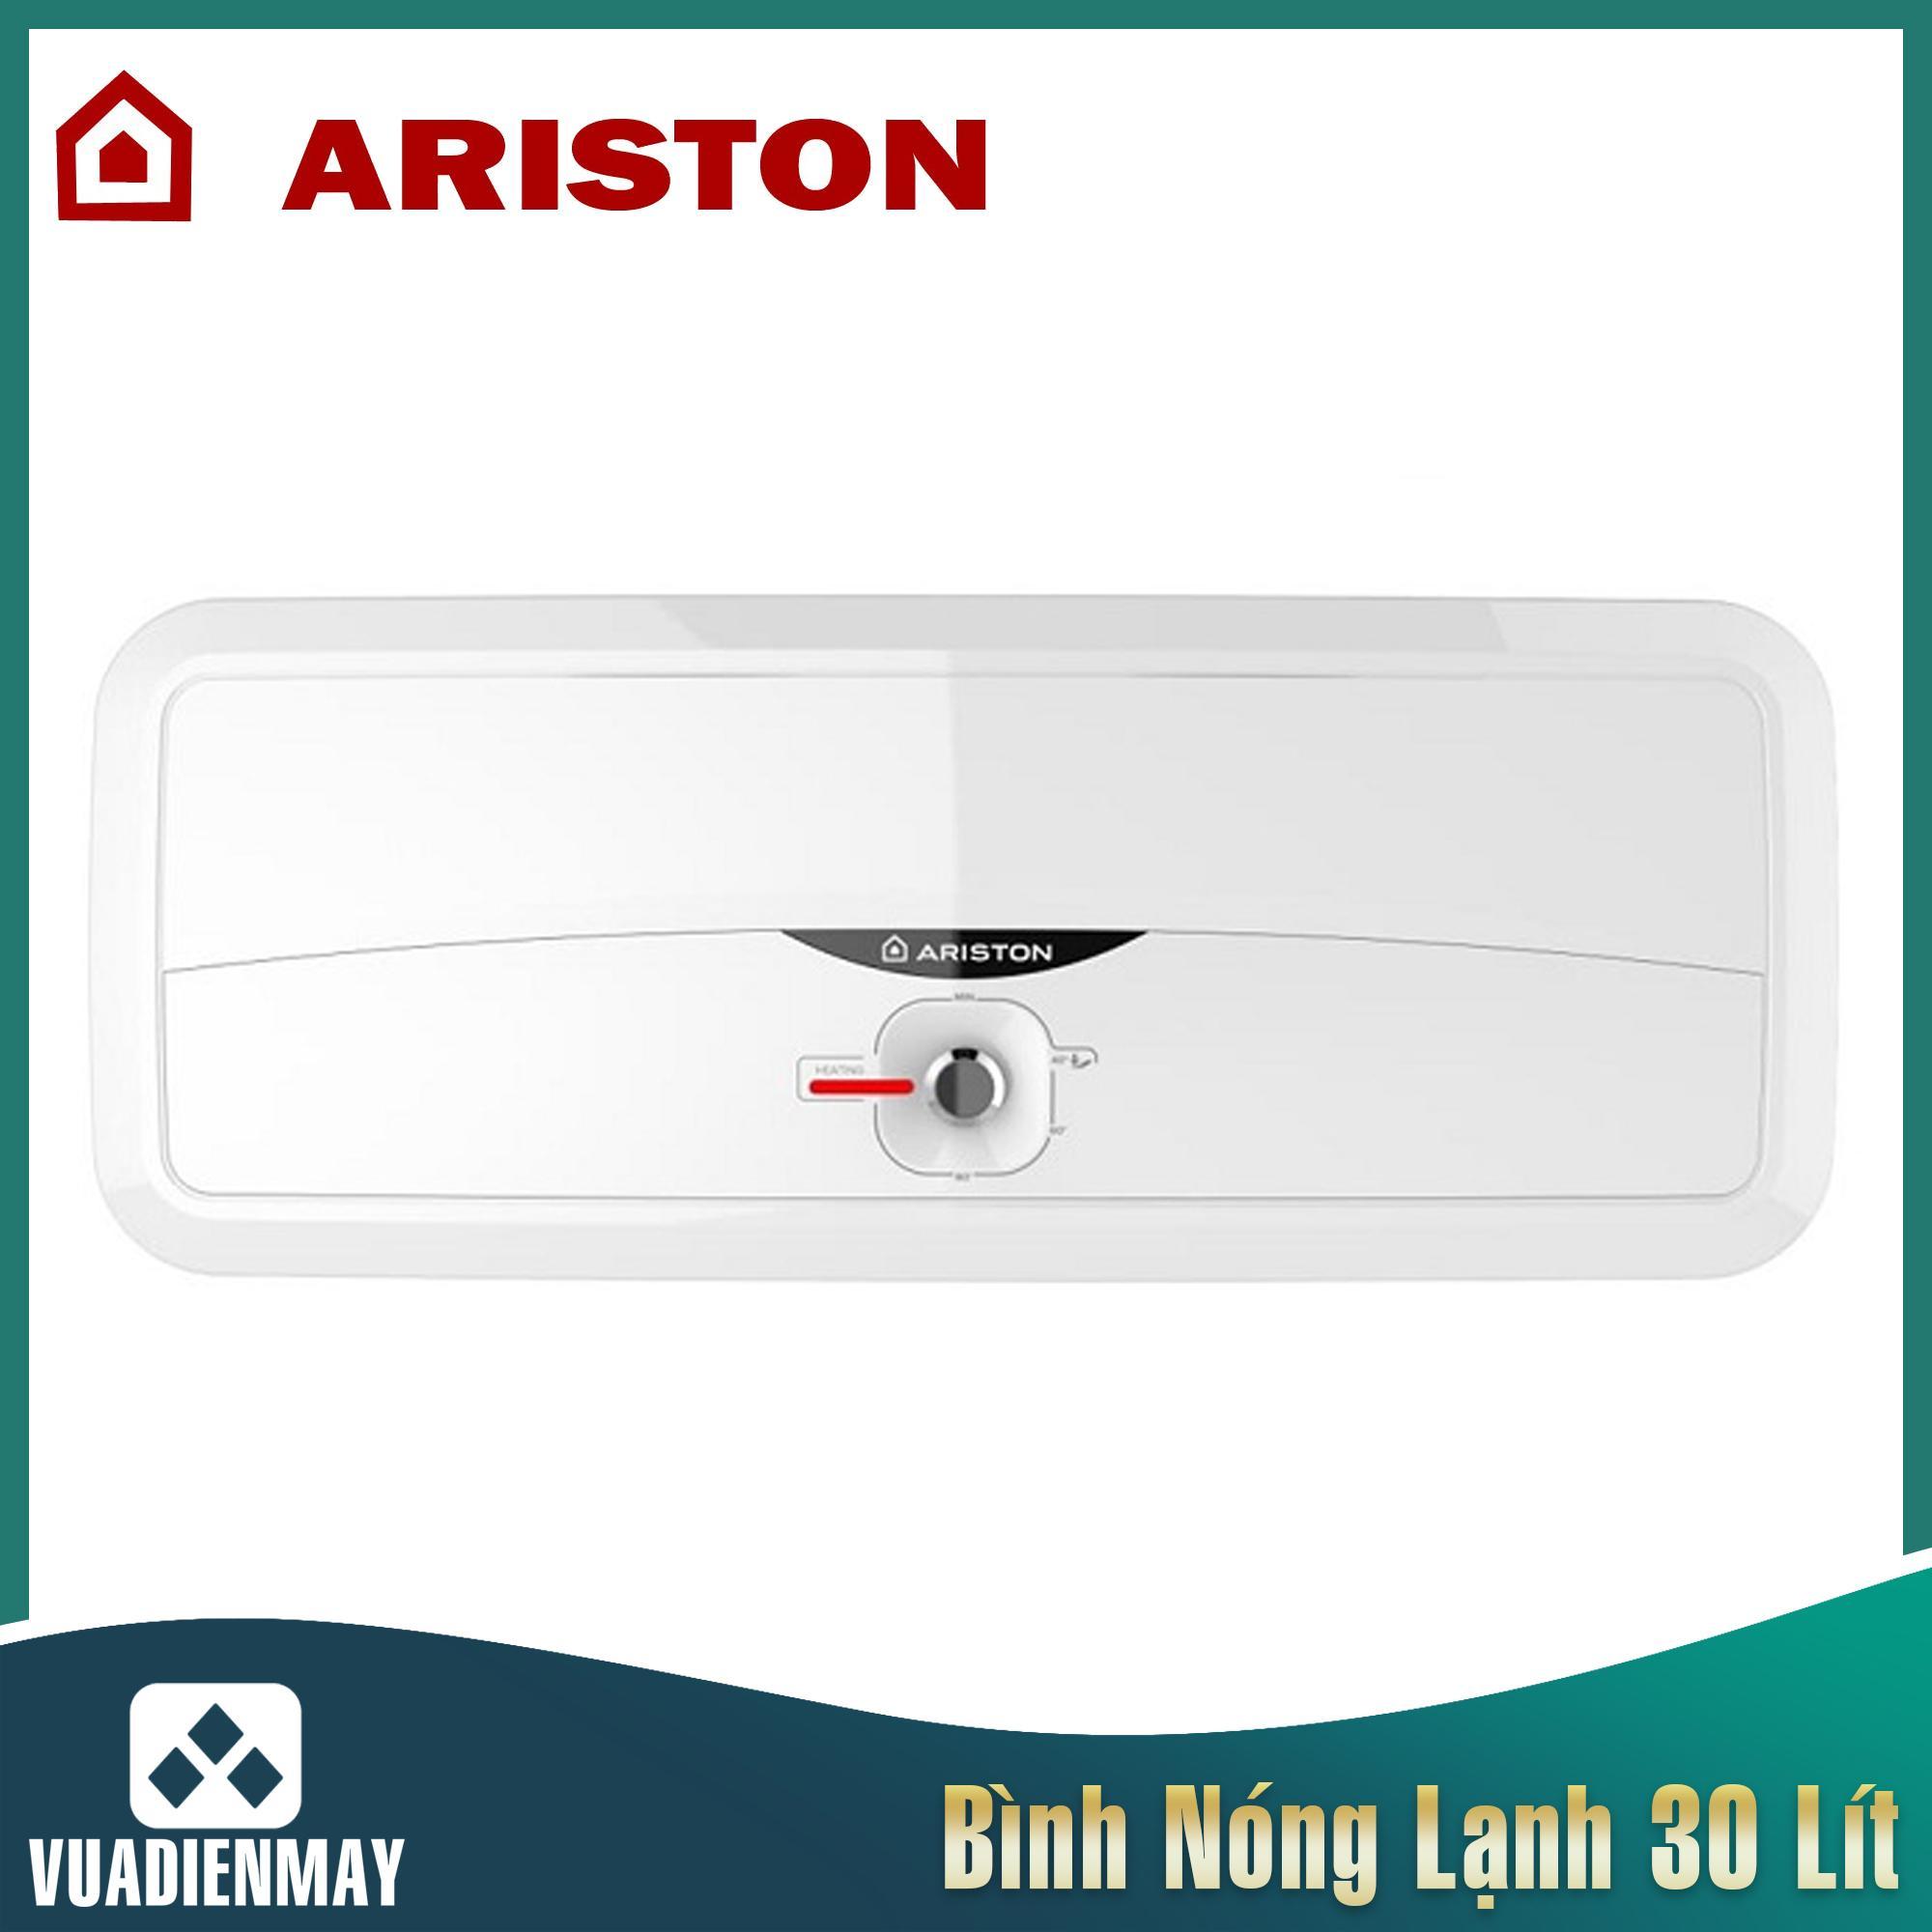 Bình nóng lạnh Ariston 30 lít